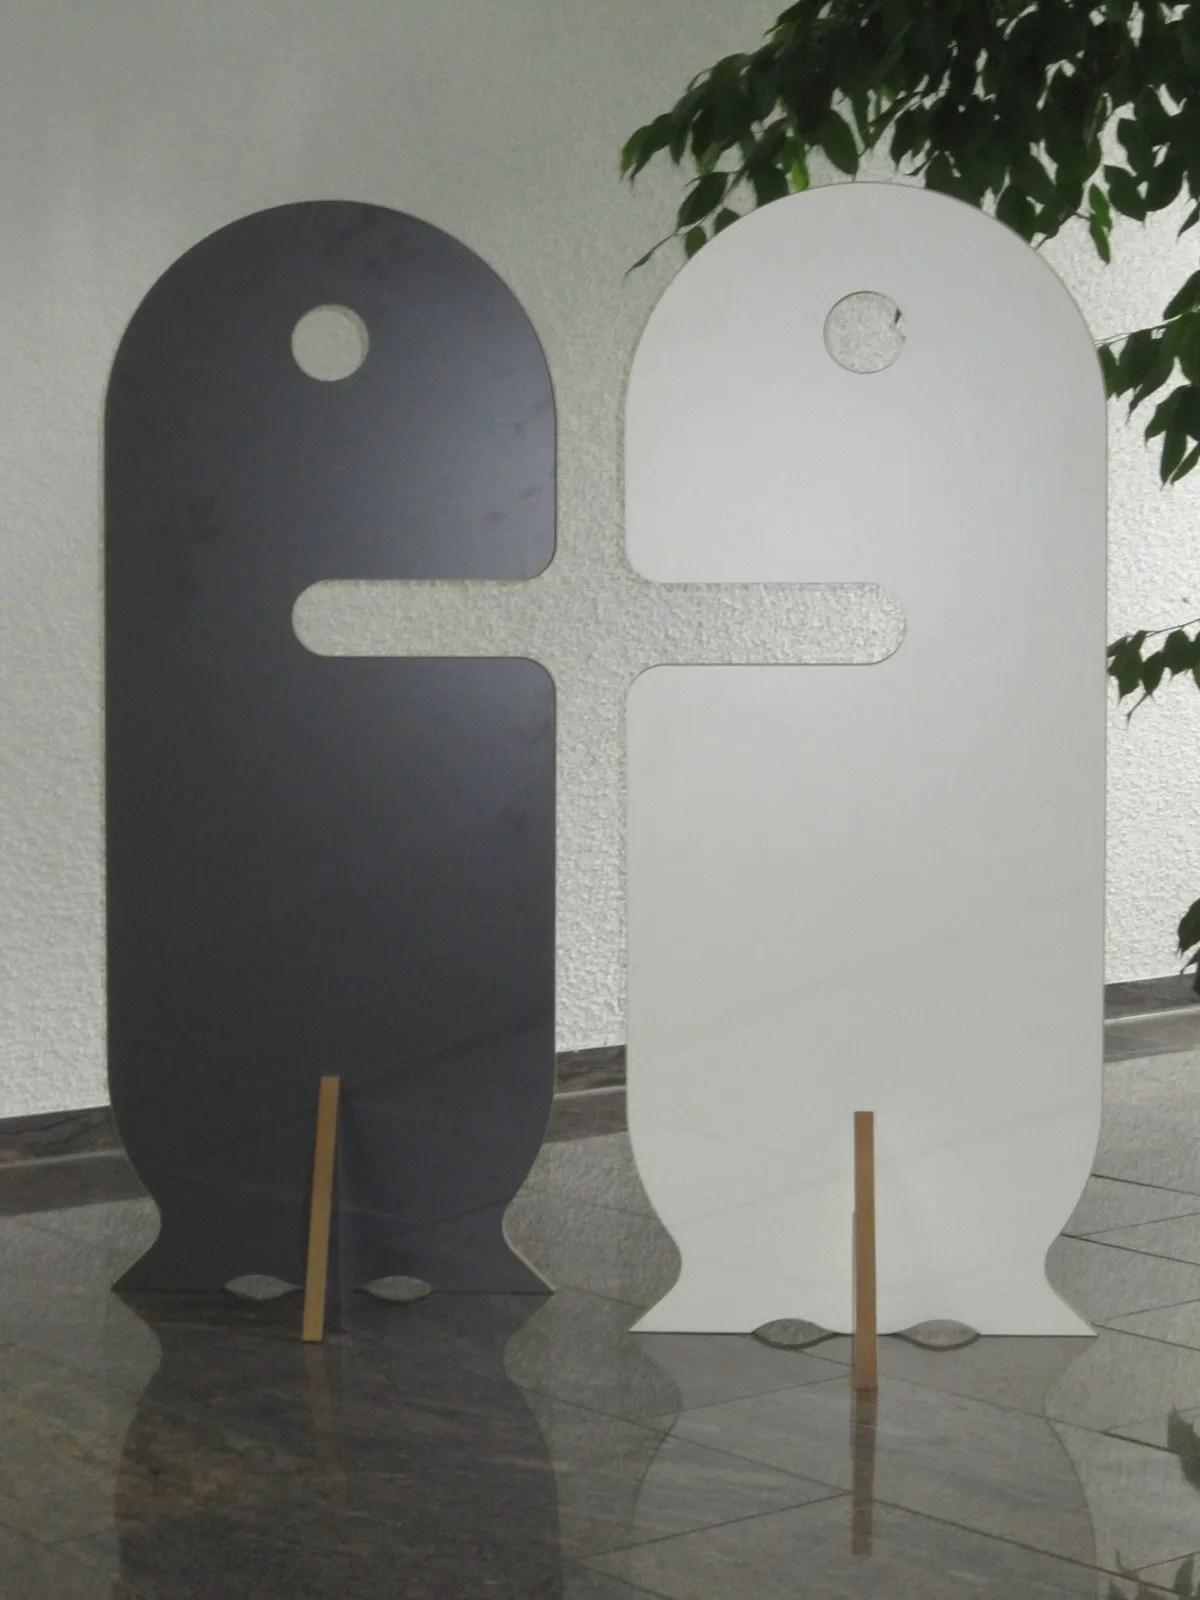 SERVOMUTO IN MDF DIENERLE BY TOJO MBEL DESIGN ALEXANDER